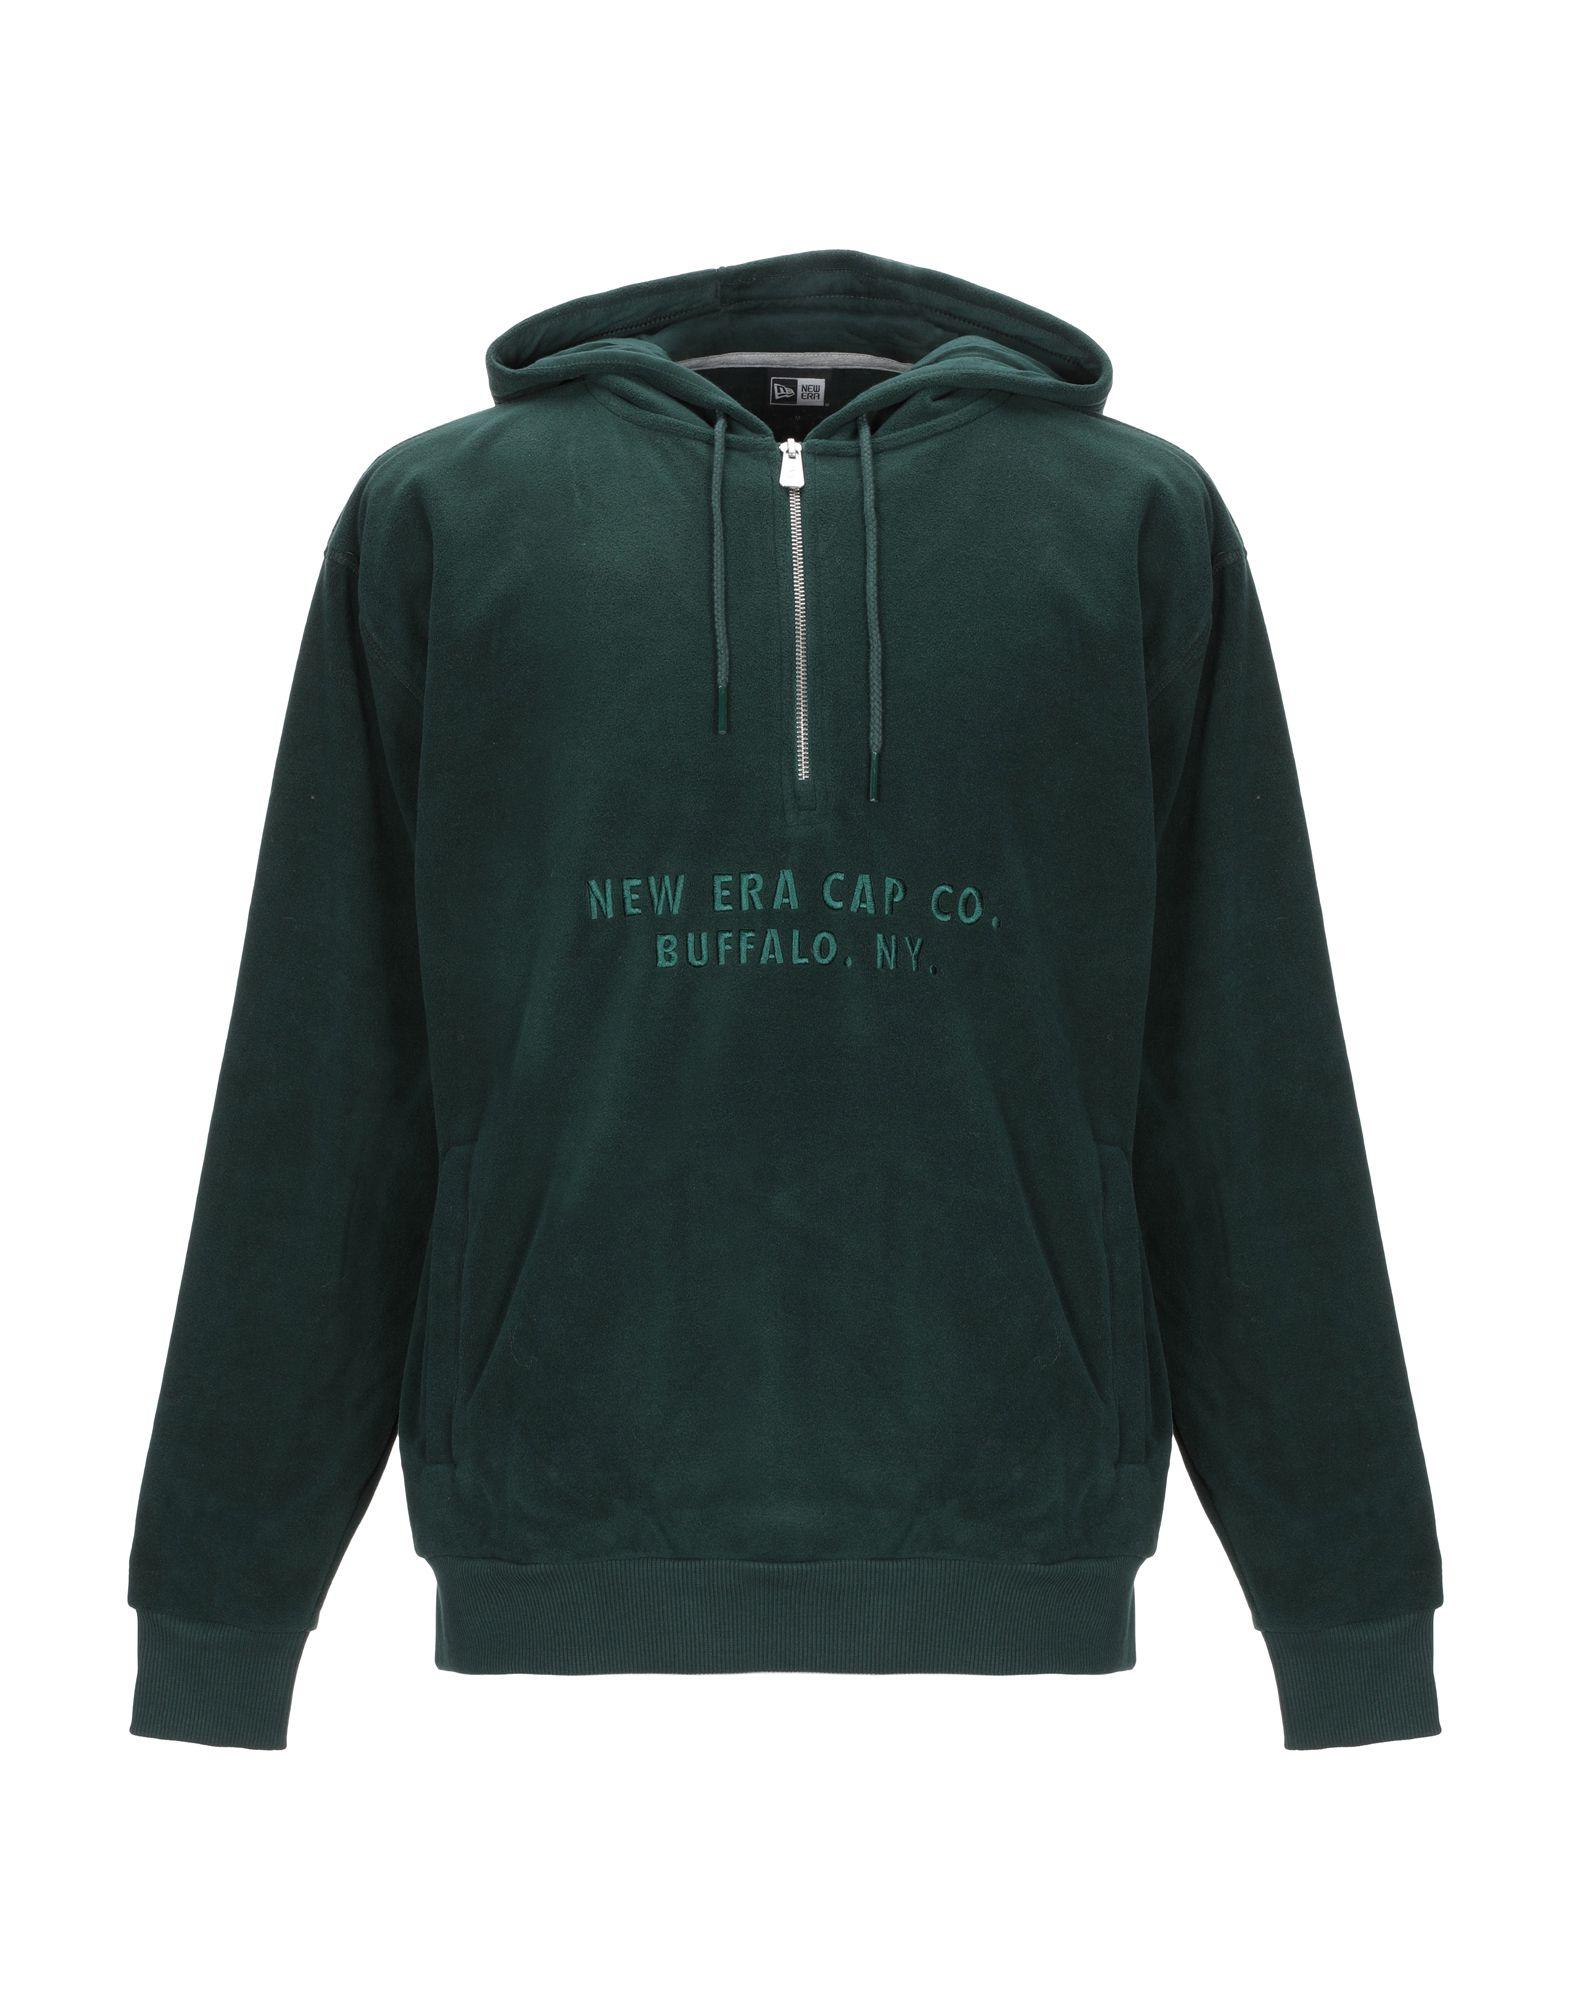 《期間限定 セール開催中》NEW ERA メンズ スウェットシャツ ダークグリーン XS ポリエステル 100%